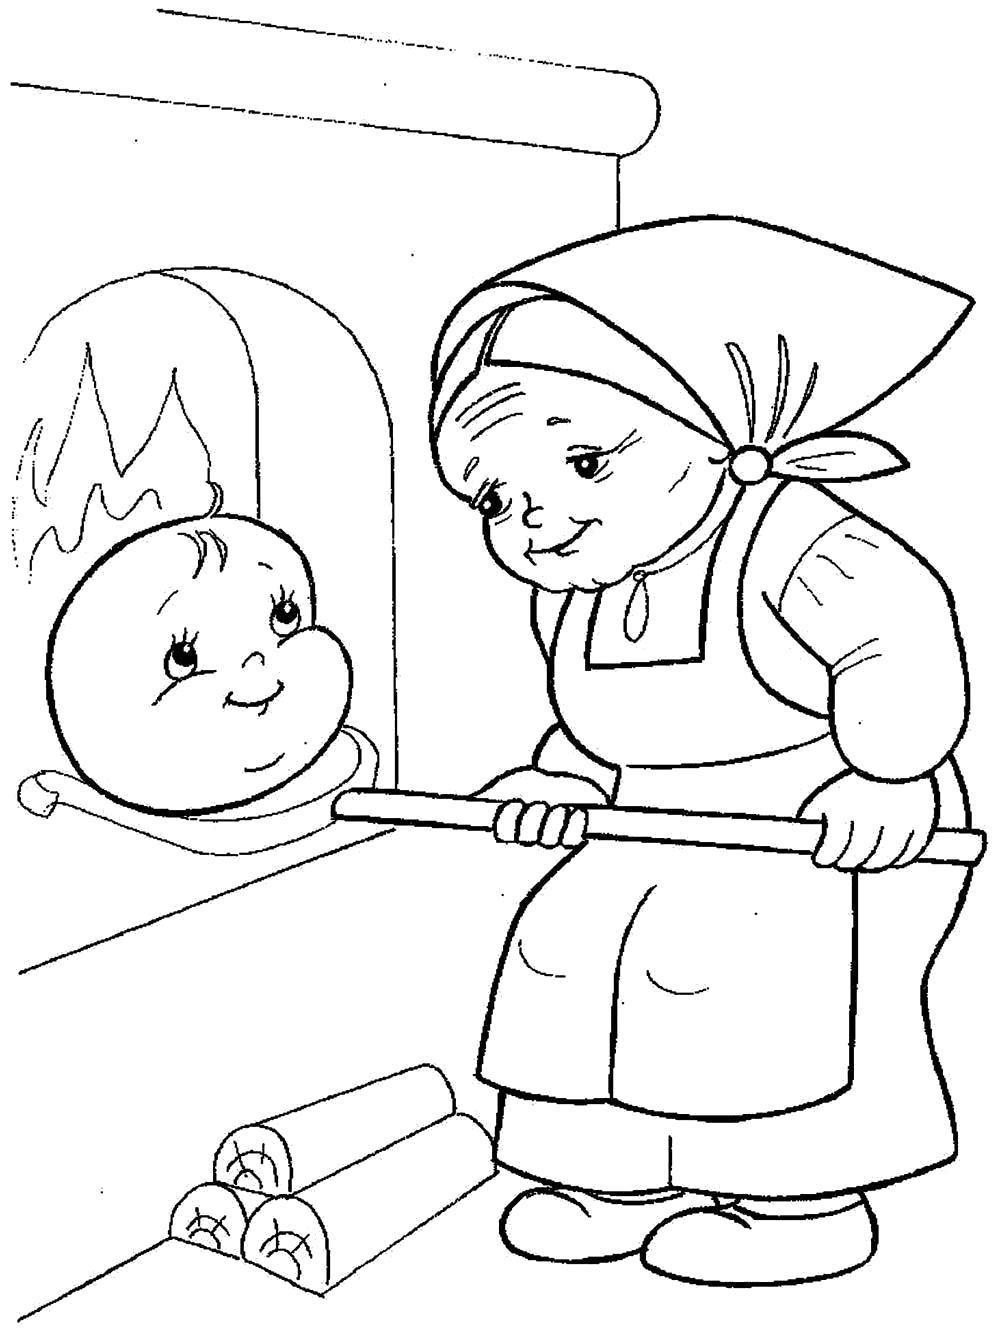 Раскраска бабушка с клобком. Скачать колобок.  Распечатать колобок